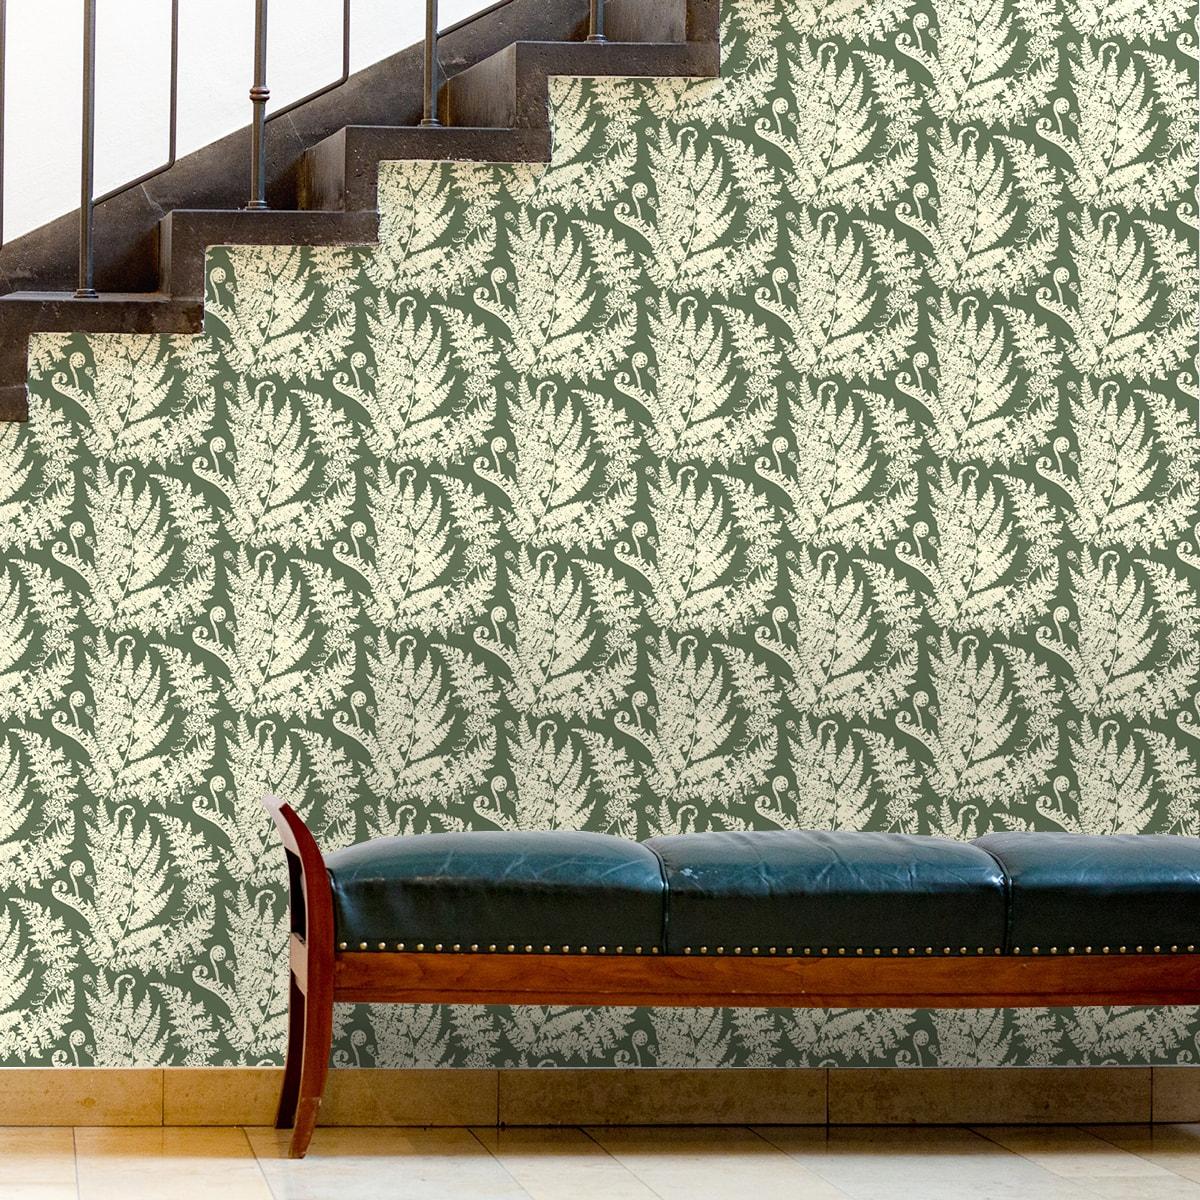 """Wandtapete grün: """"Heidis Fernerie"""" florale Tapete mit großem Farn Muster in grün Vlies Wandgestaltung"""